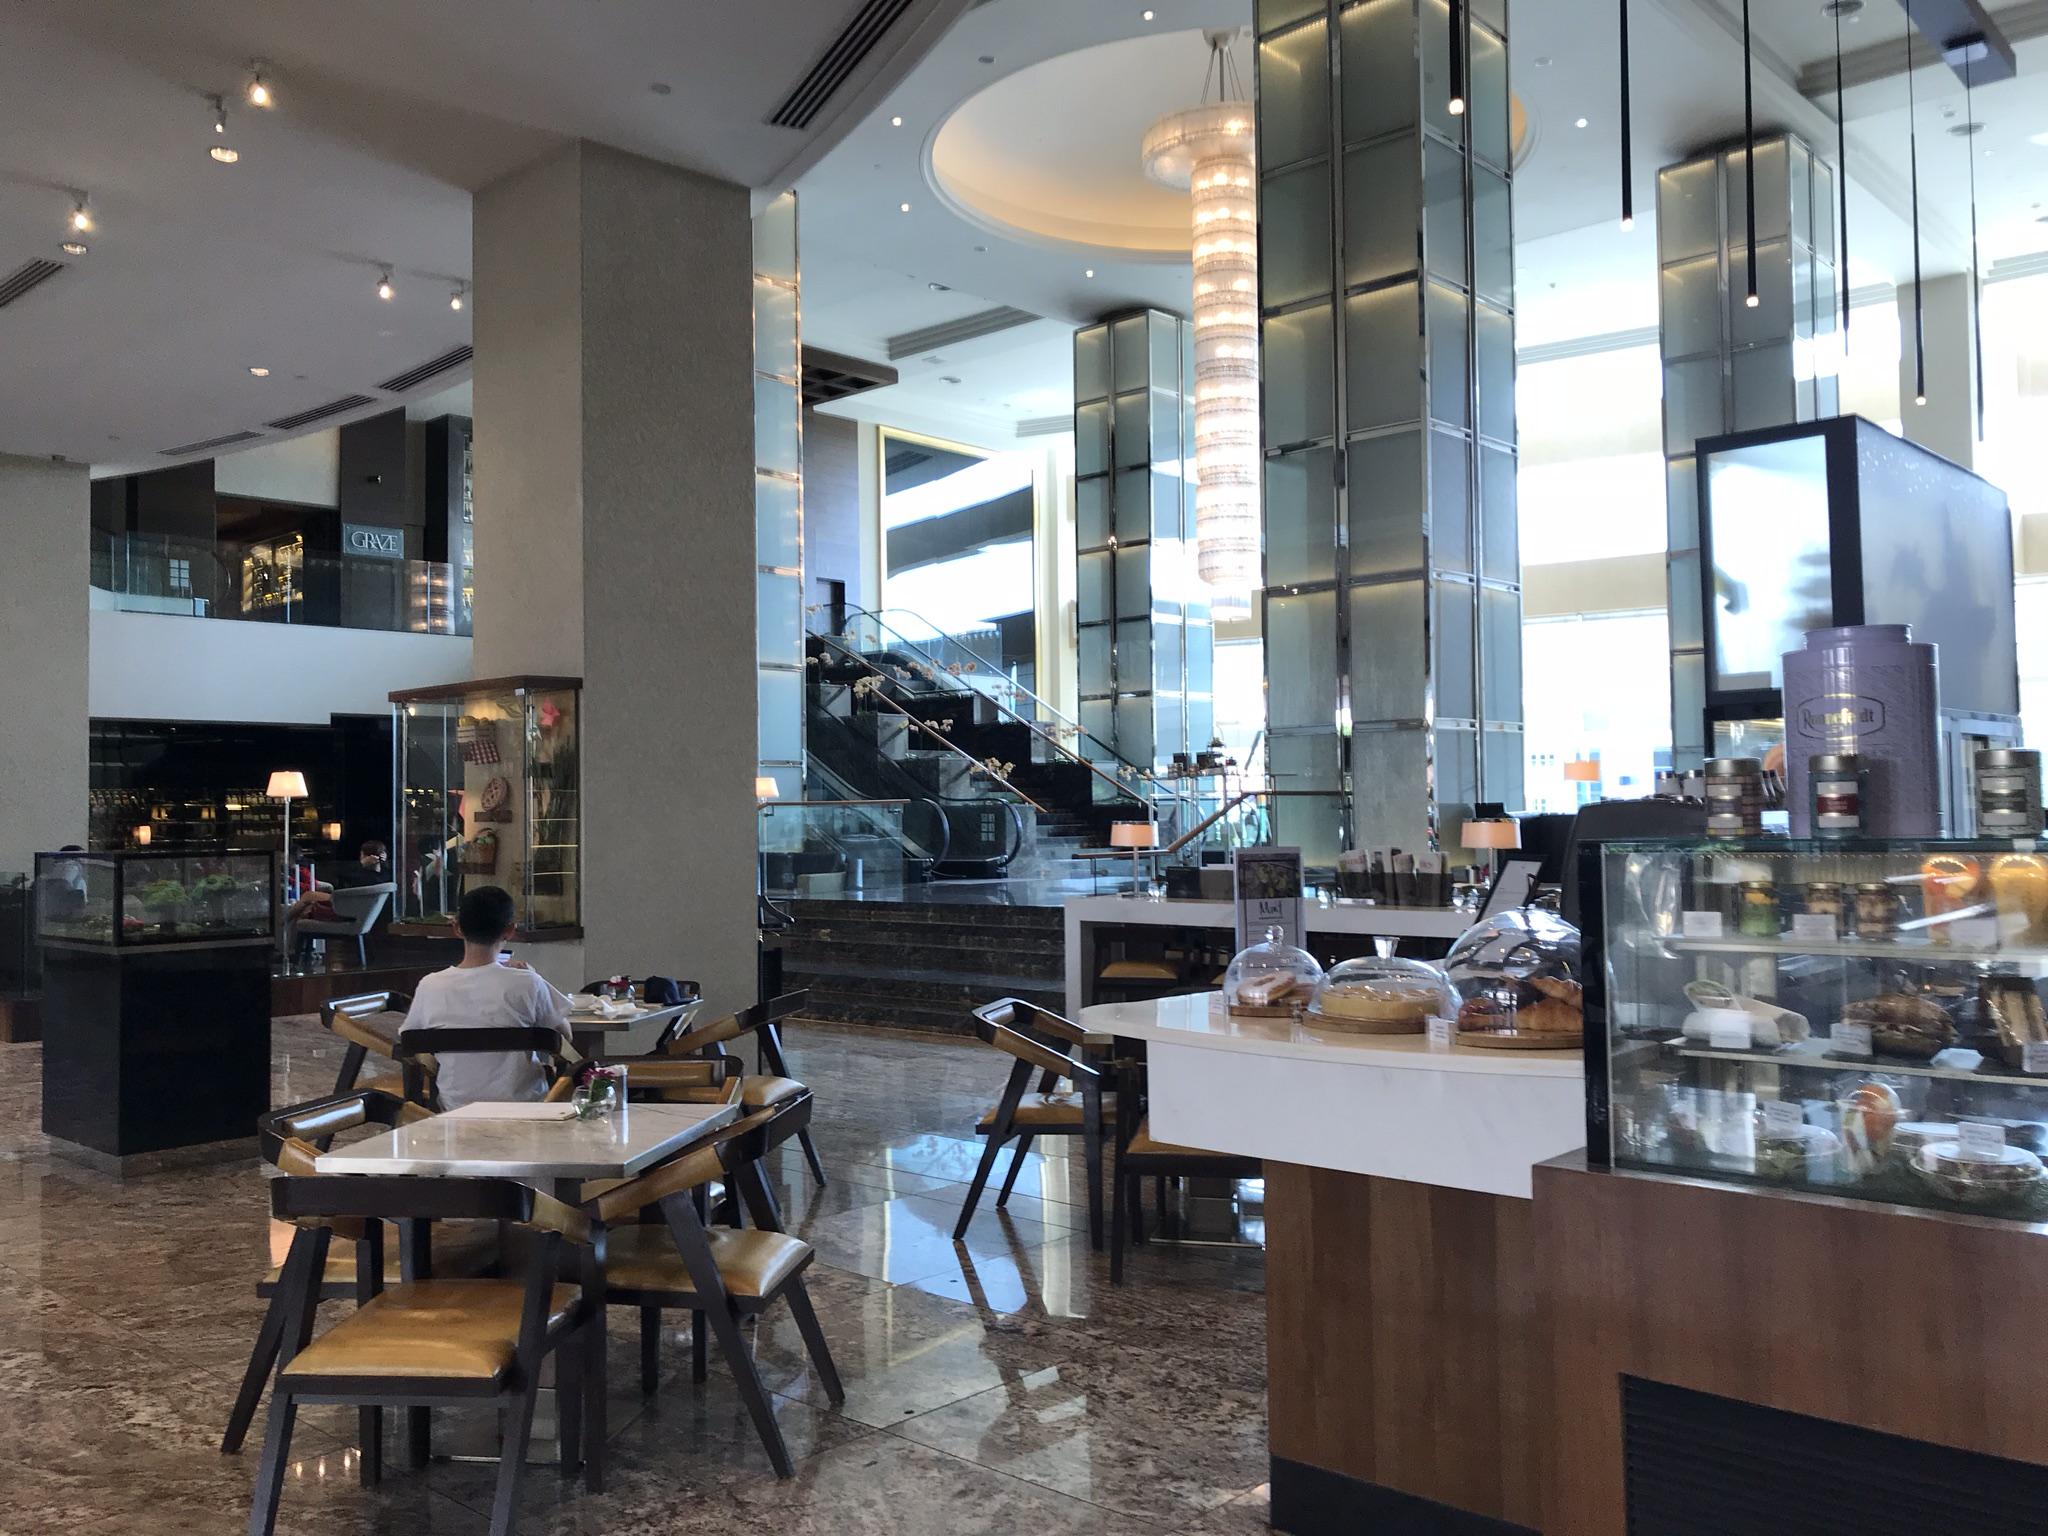 【ヒルトン】ベストレート保証で最低価格から更に25%オフで宿泊する方法-Hilton Kuala Lumpur宿泊記